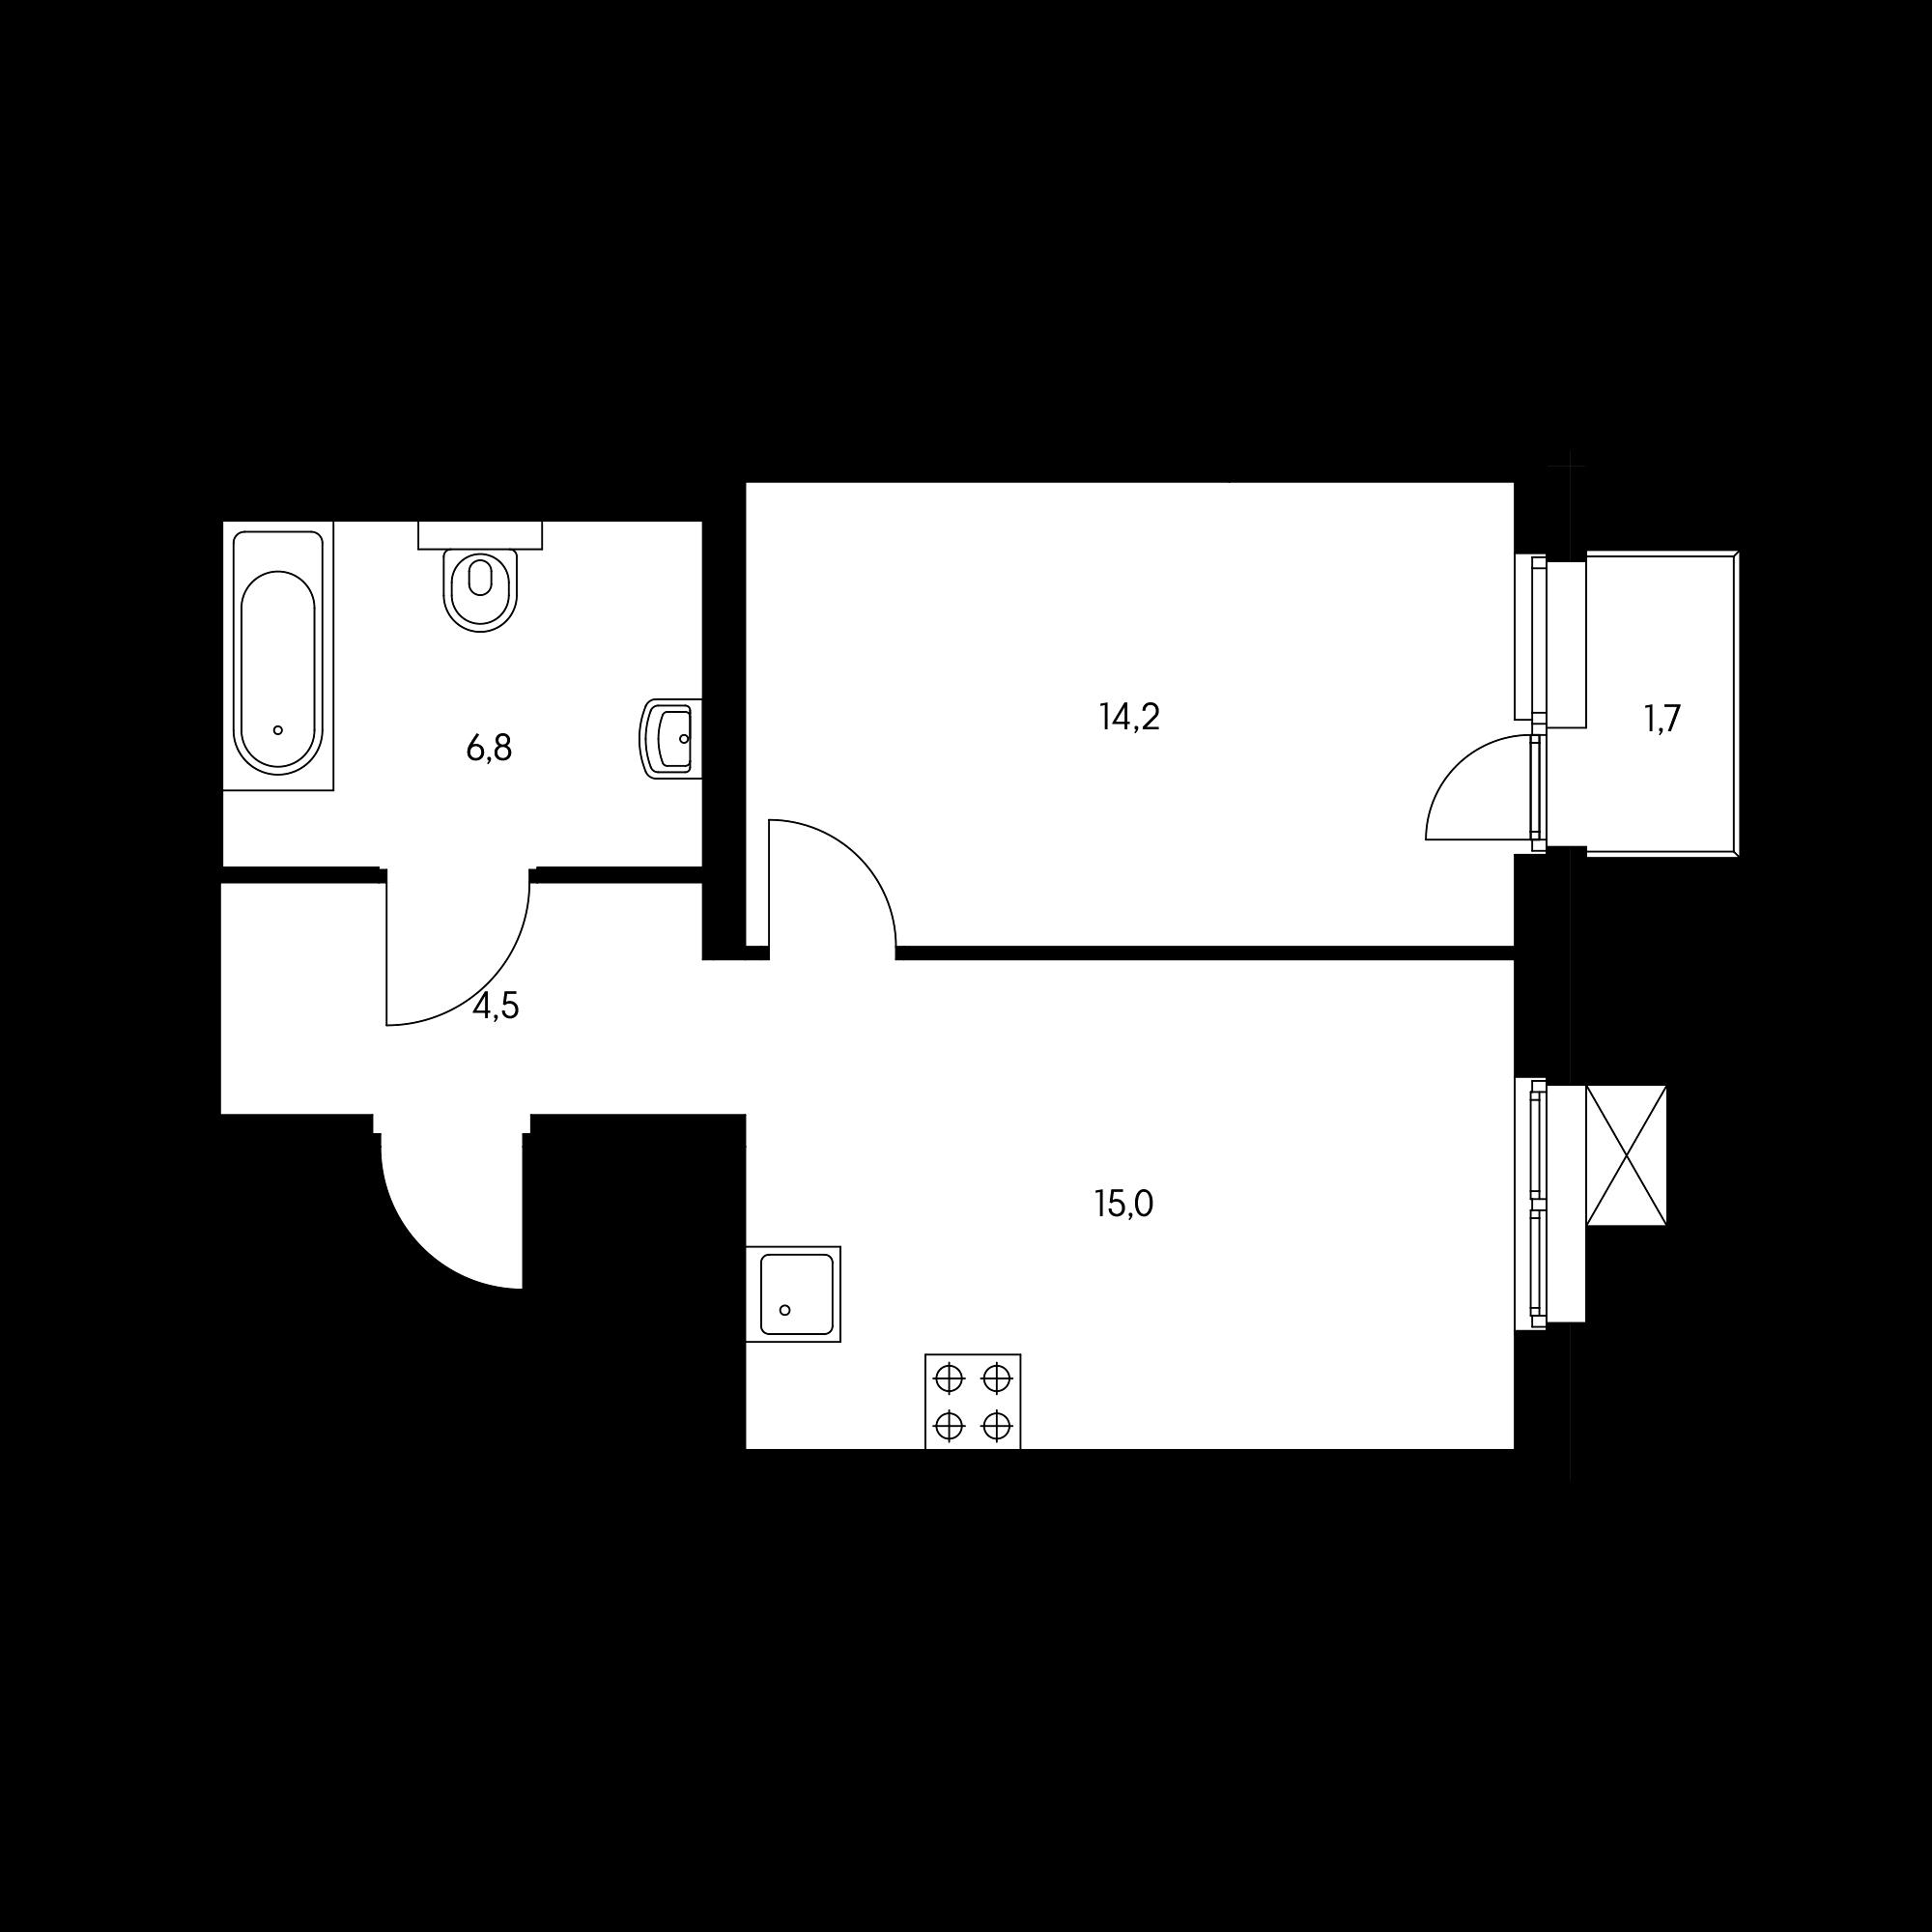 1EM21_8.4-1B1